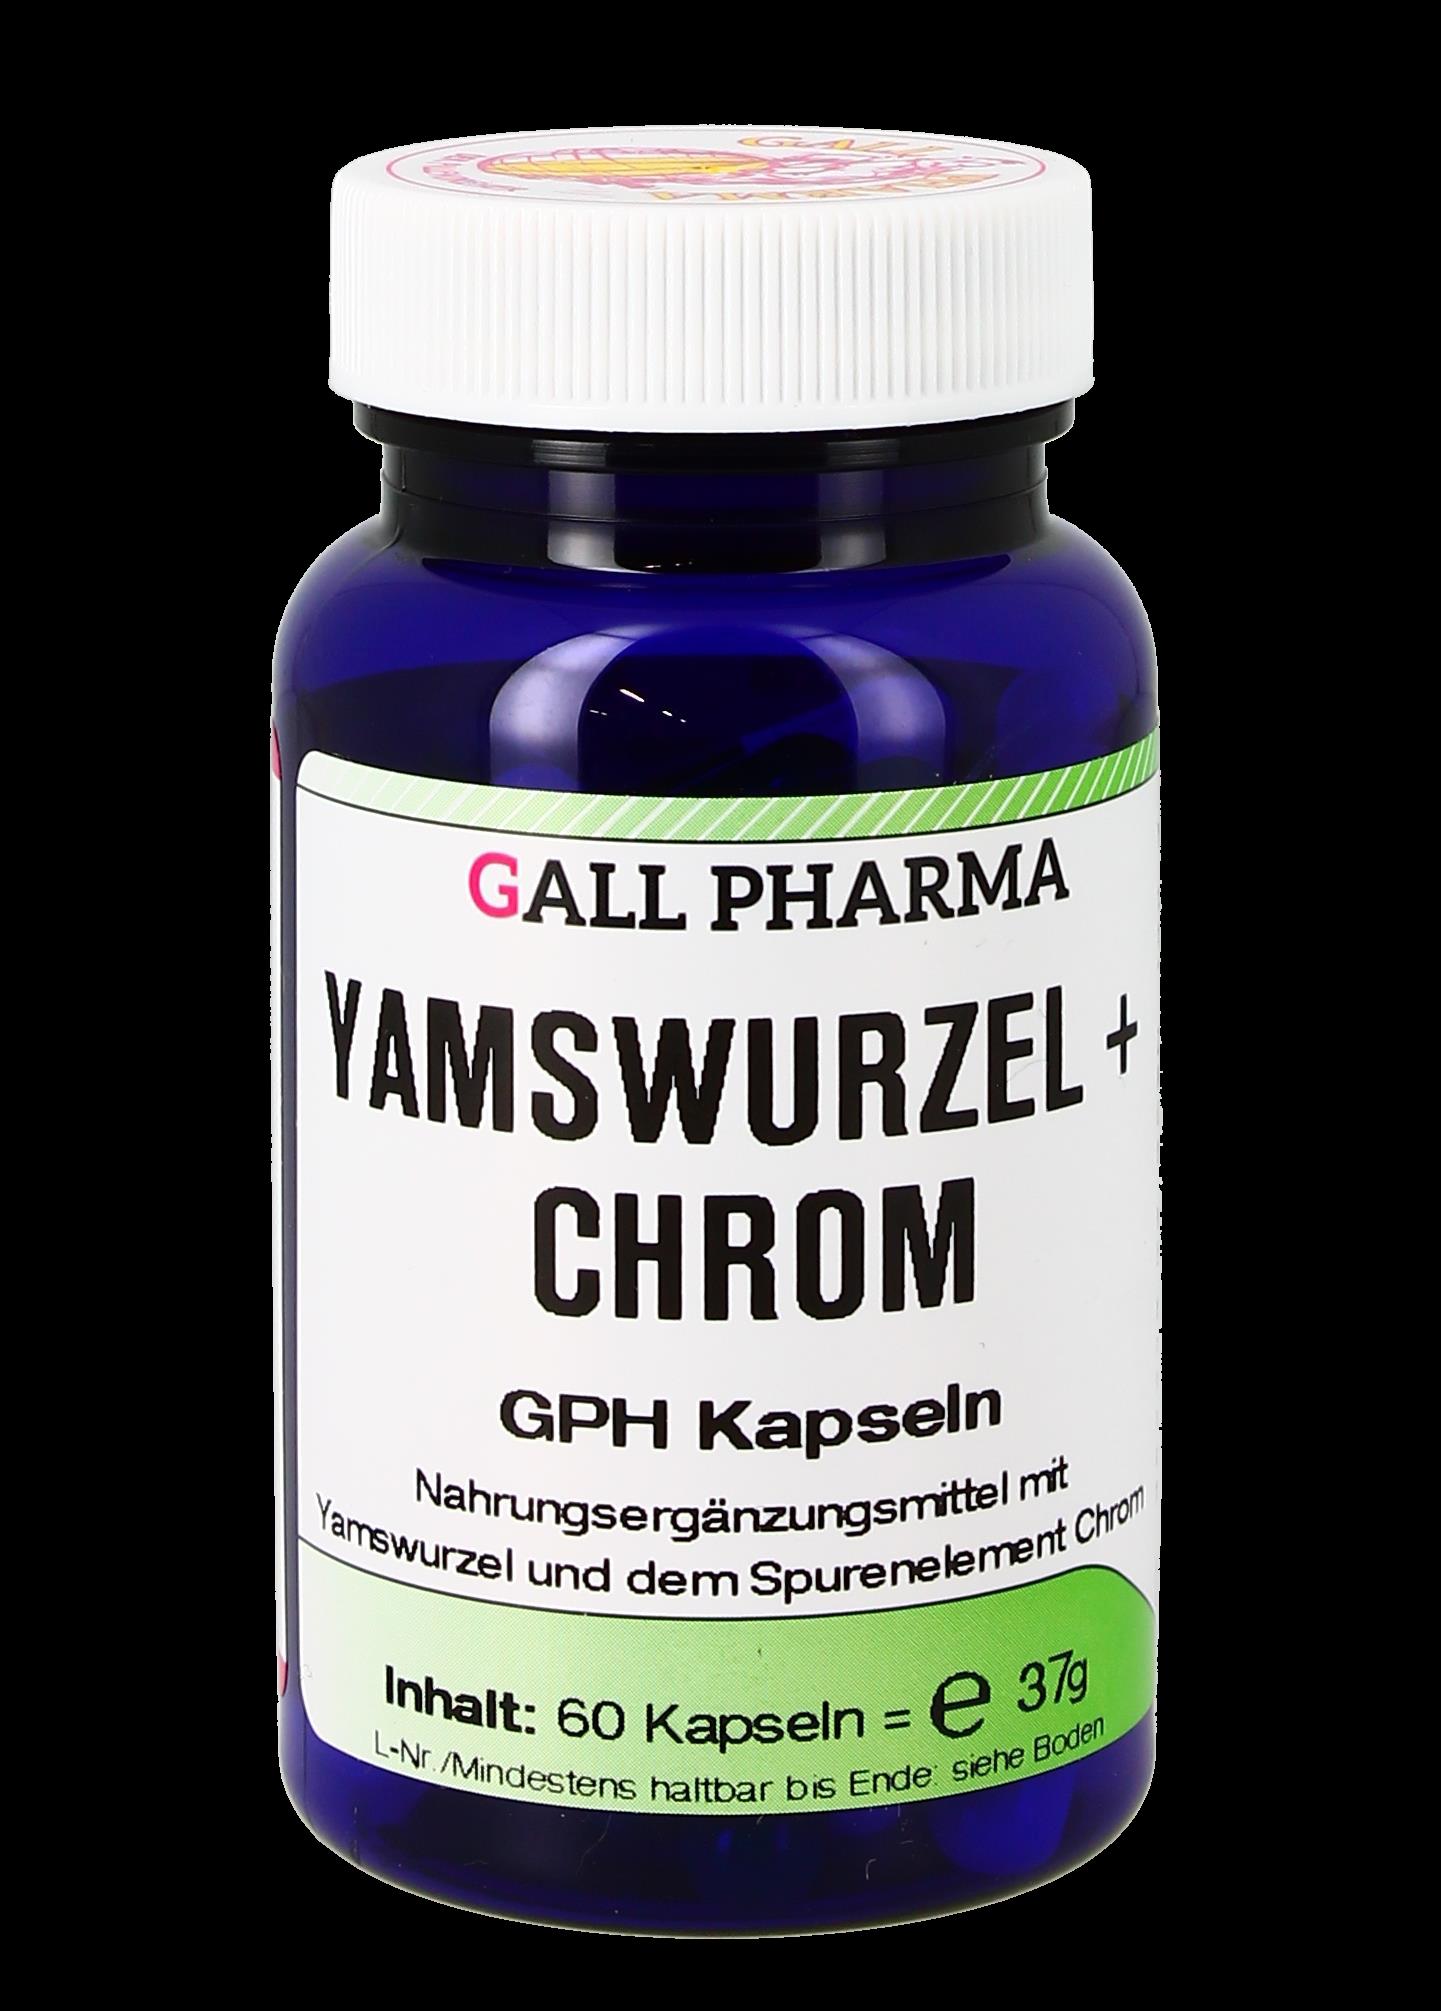 Yamswurzel + Chrom GPH Kapseln